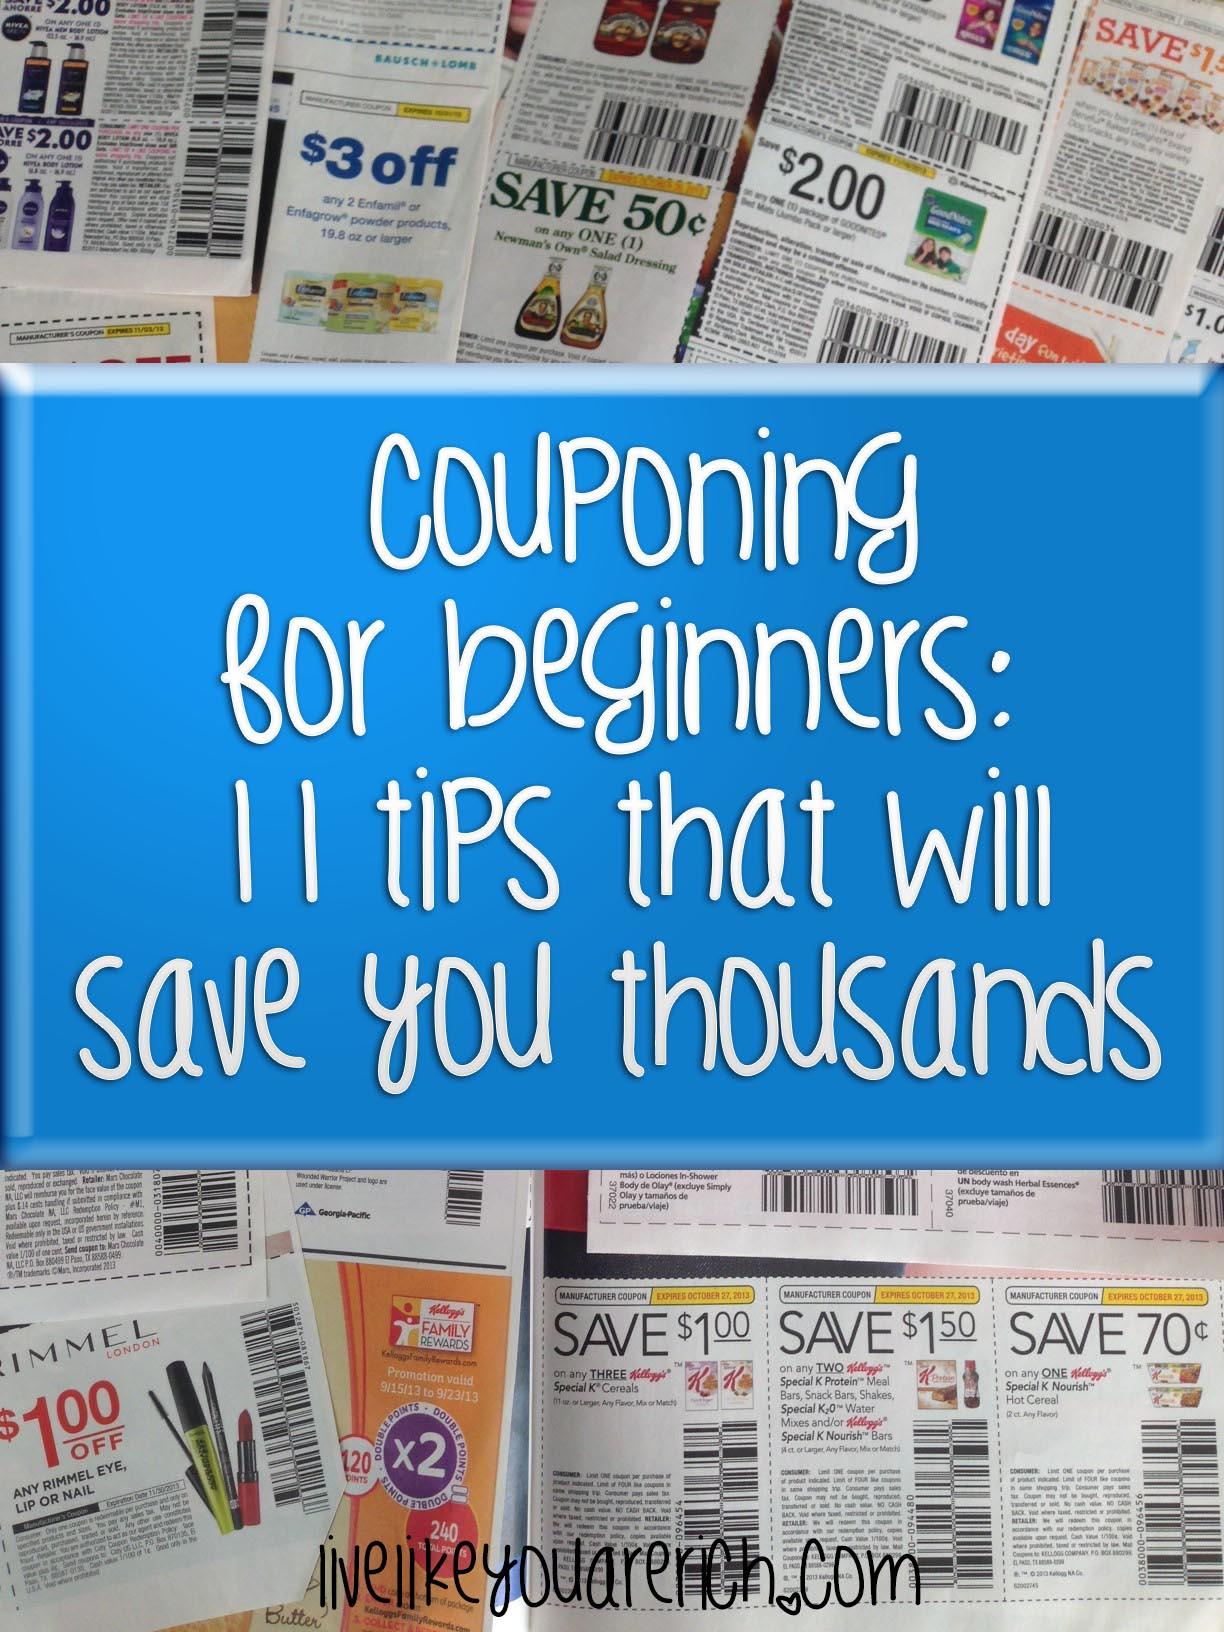 Sitios Web cupón para imprimir - Consejos para ahorrar dinero